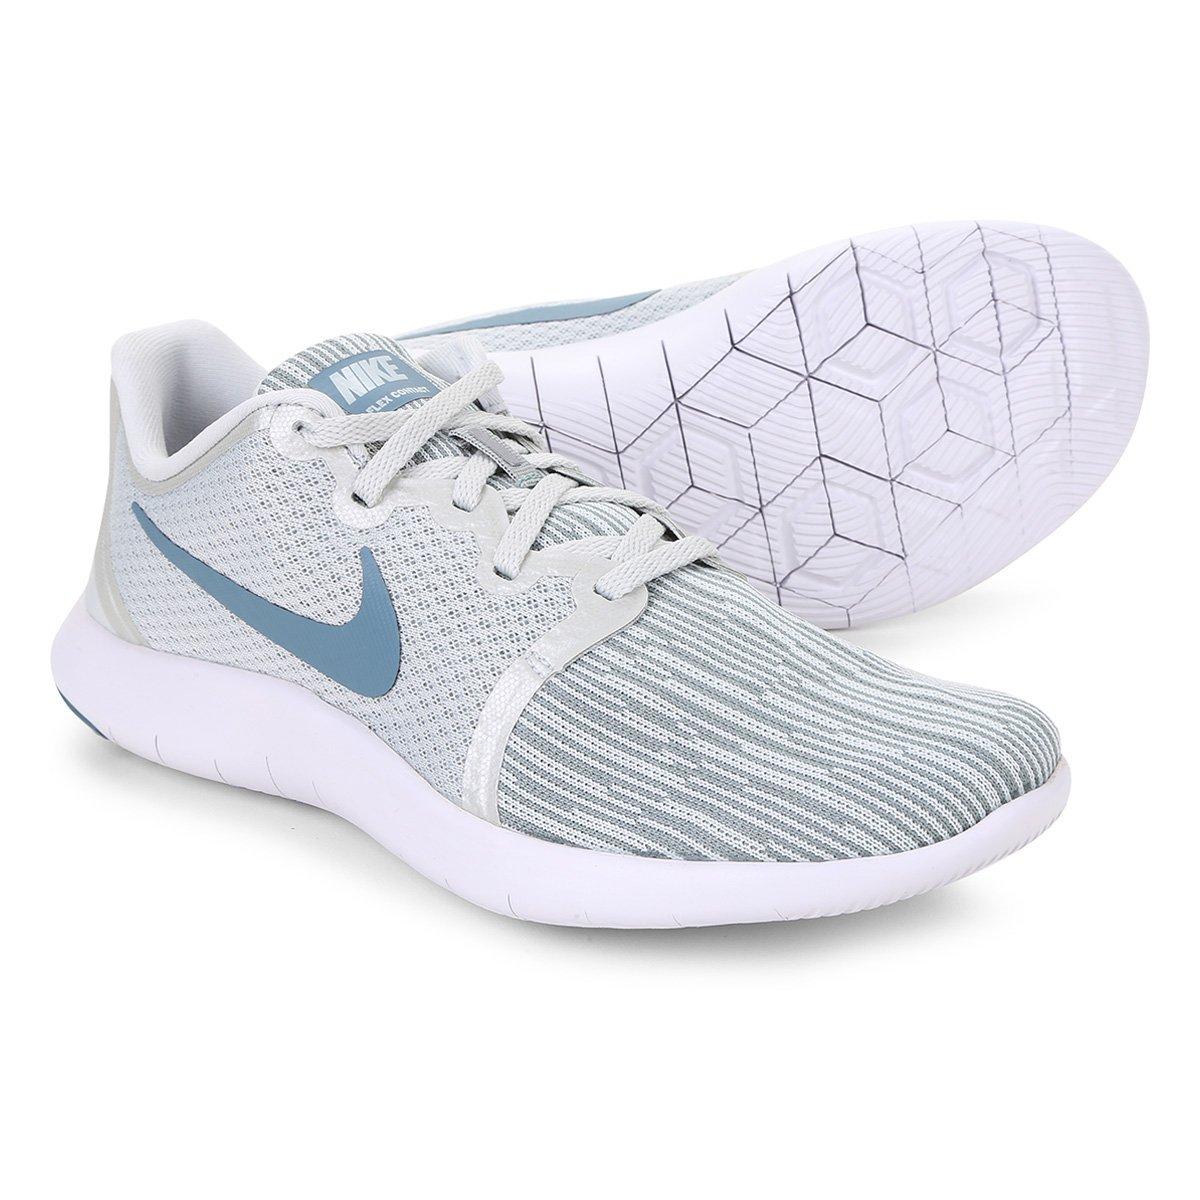 442f089da4e Tênis Nike Flex Contact 2 Feminino - Branco e Azul Petróleo - Compre Agora